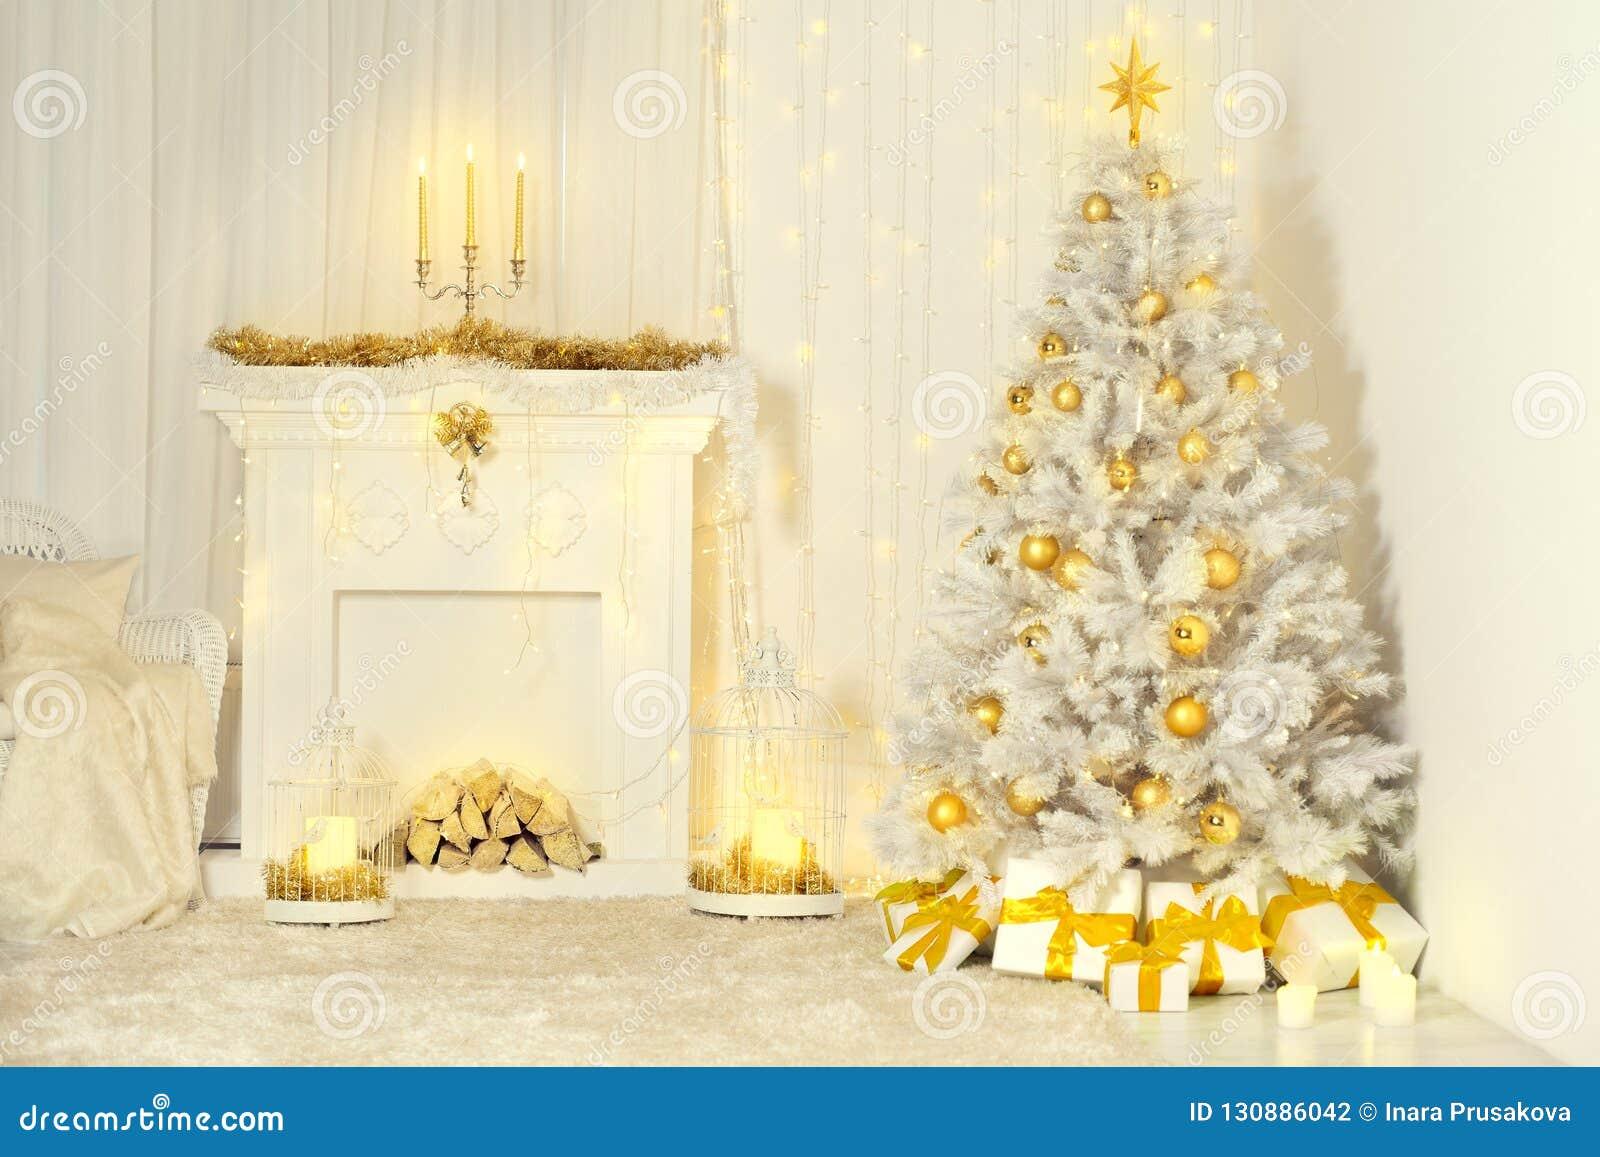 Χριστουγεννιάτικο δέντρο και εστία, χρυσό διακοσμημένο χρώμα εσωτερικό δωματίων